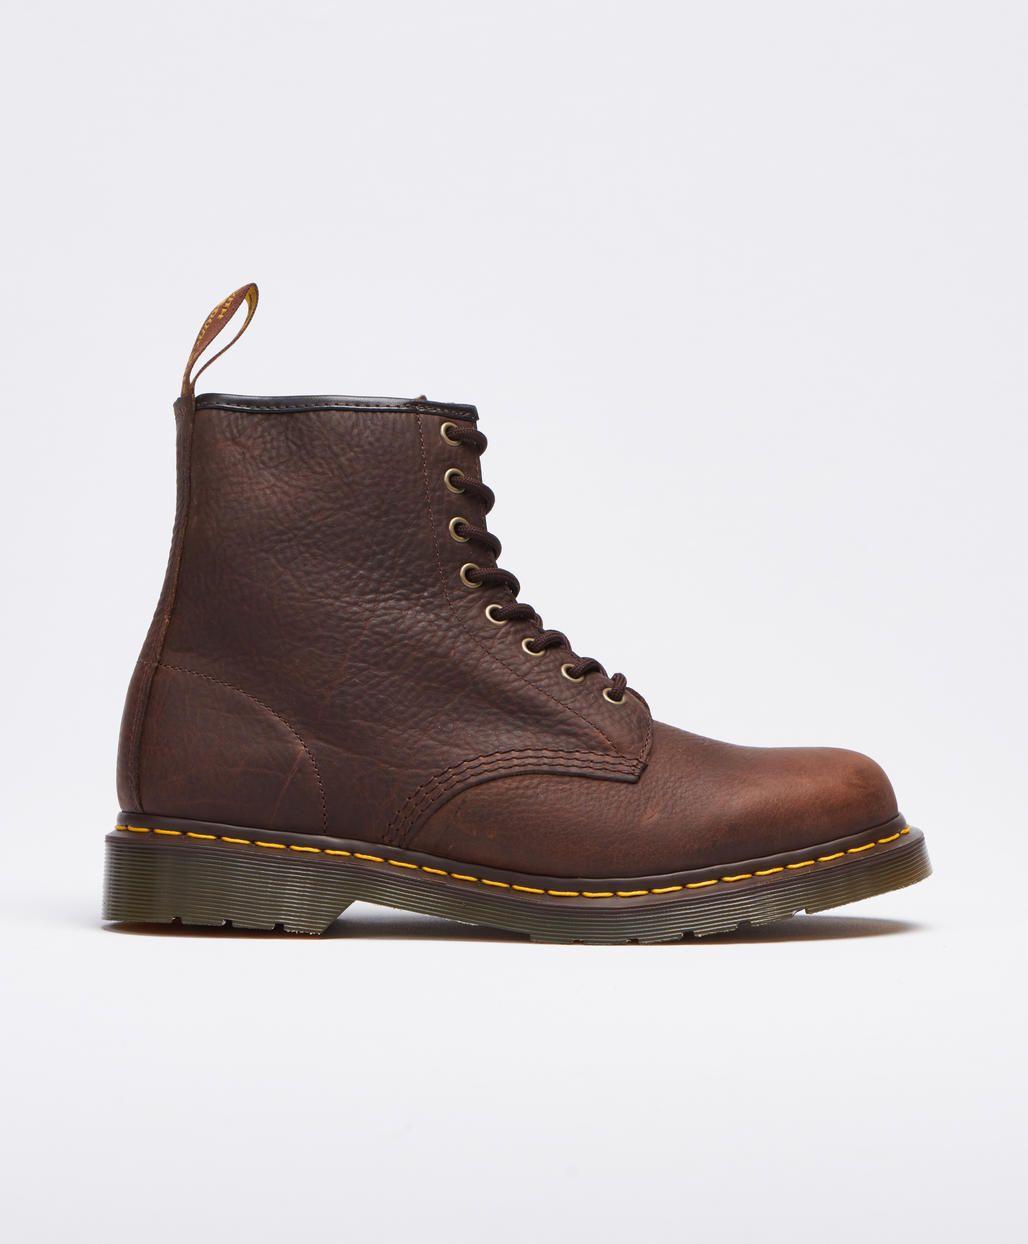 26215a55 Dr Martens Boots Brown   Klær   Dr martens boots, Brown Boots og Dr ...